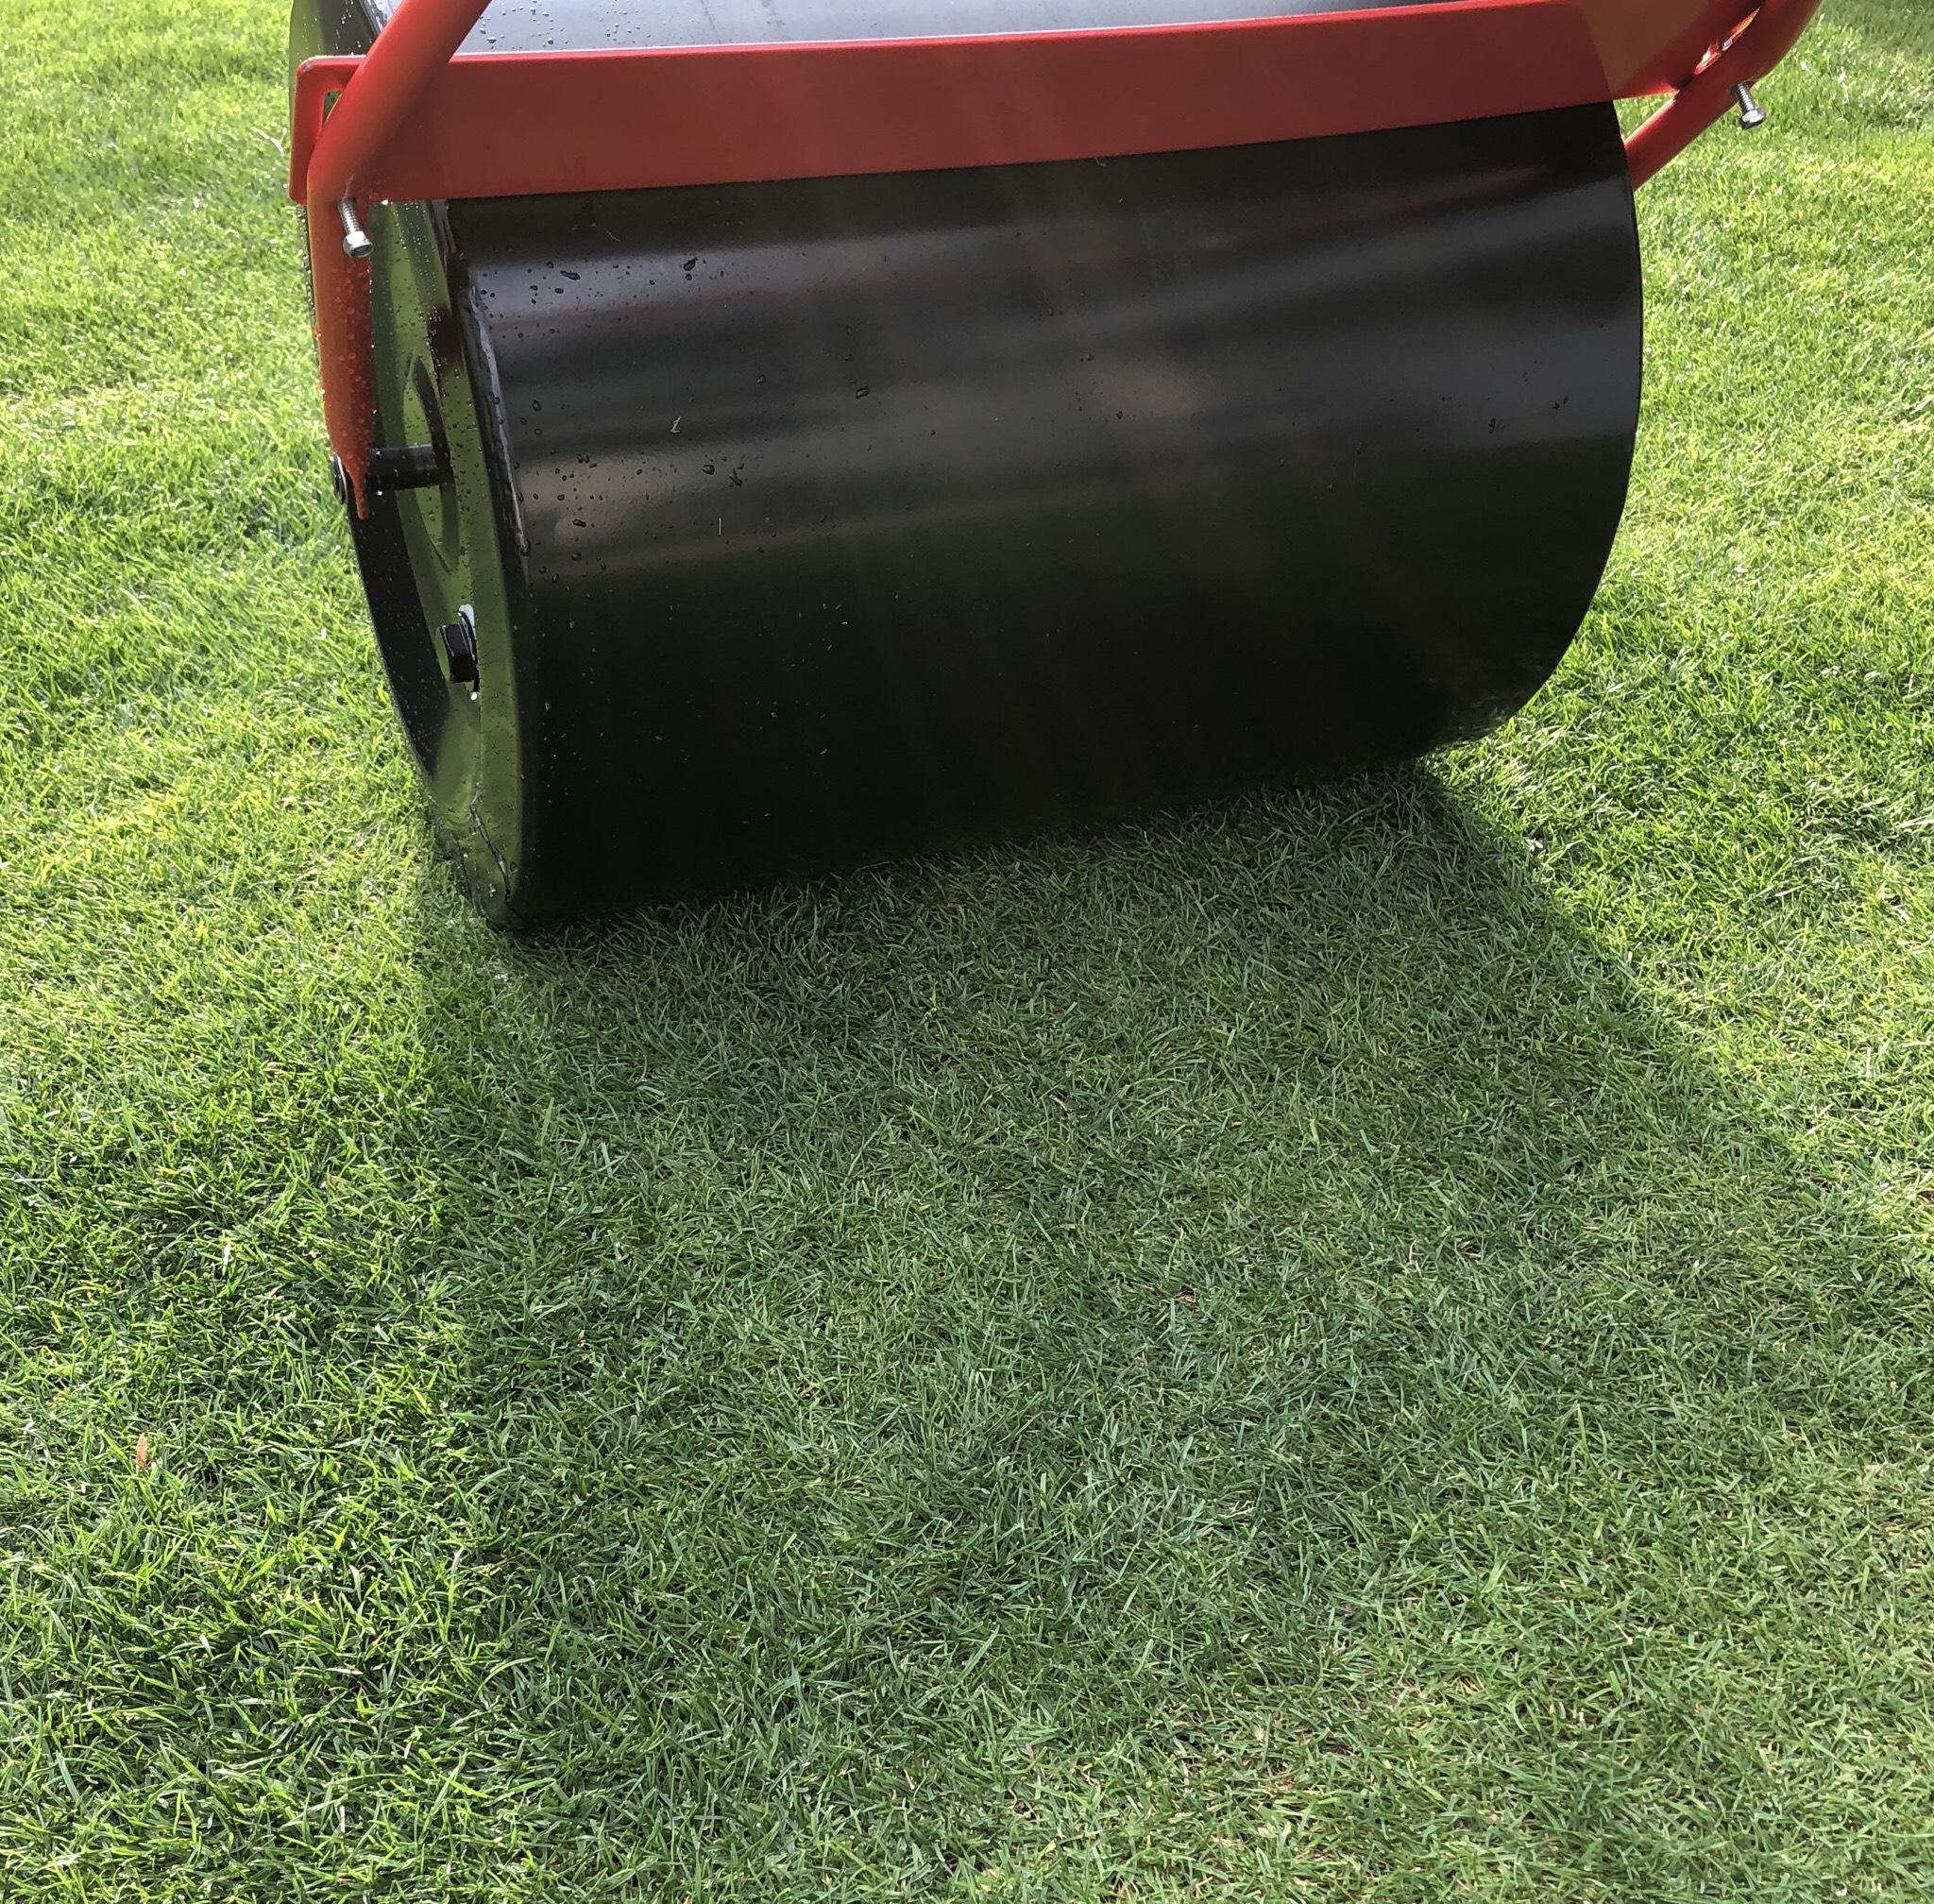 庭、芝生の凸凹が修正されてきた。憎めない道具をご紹介